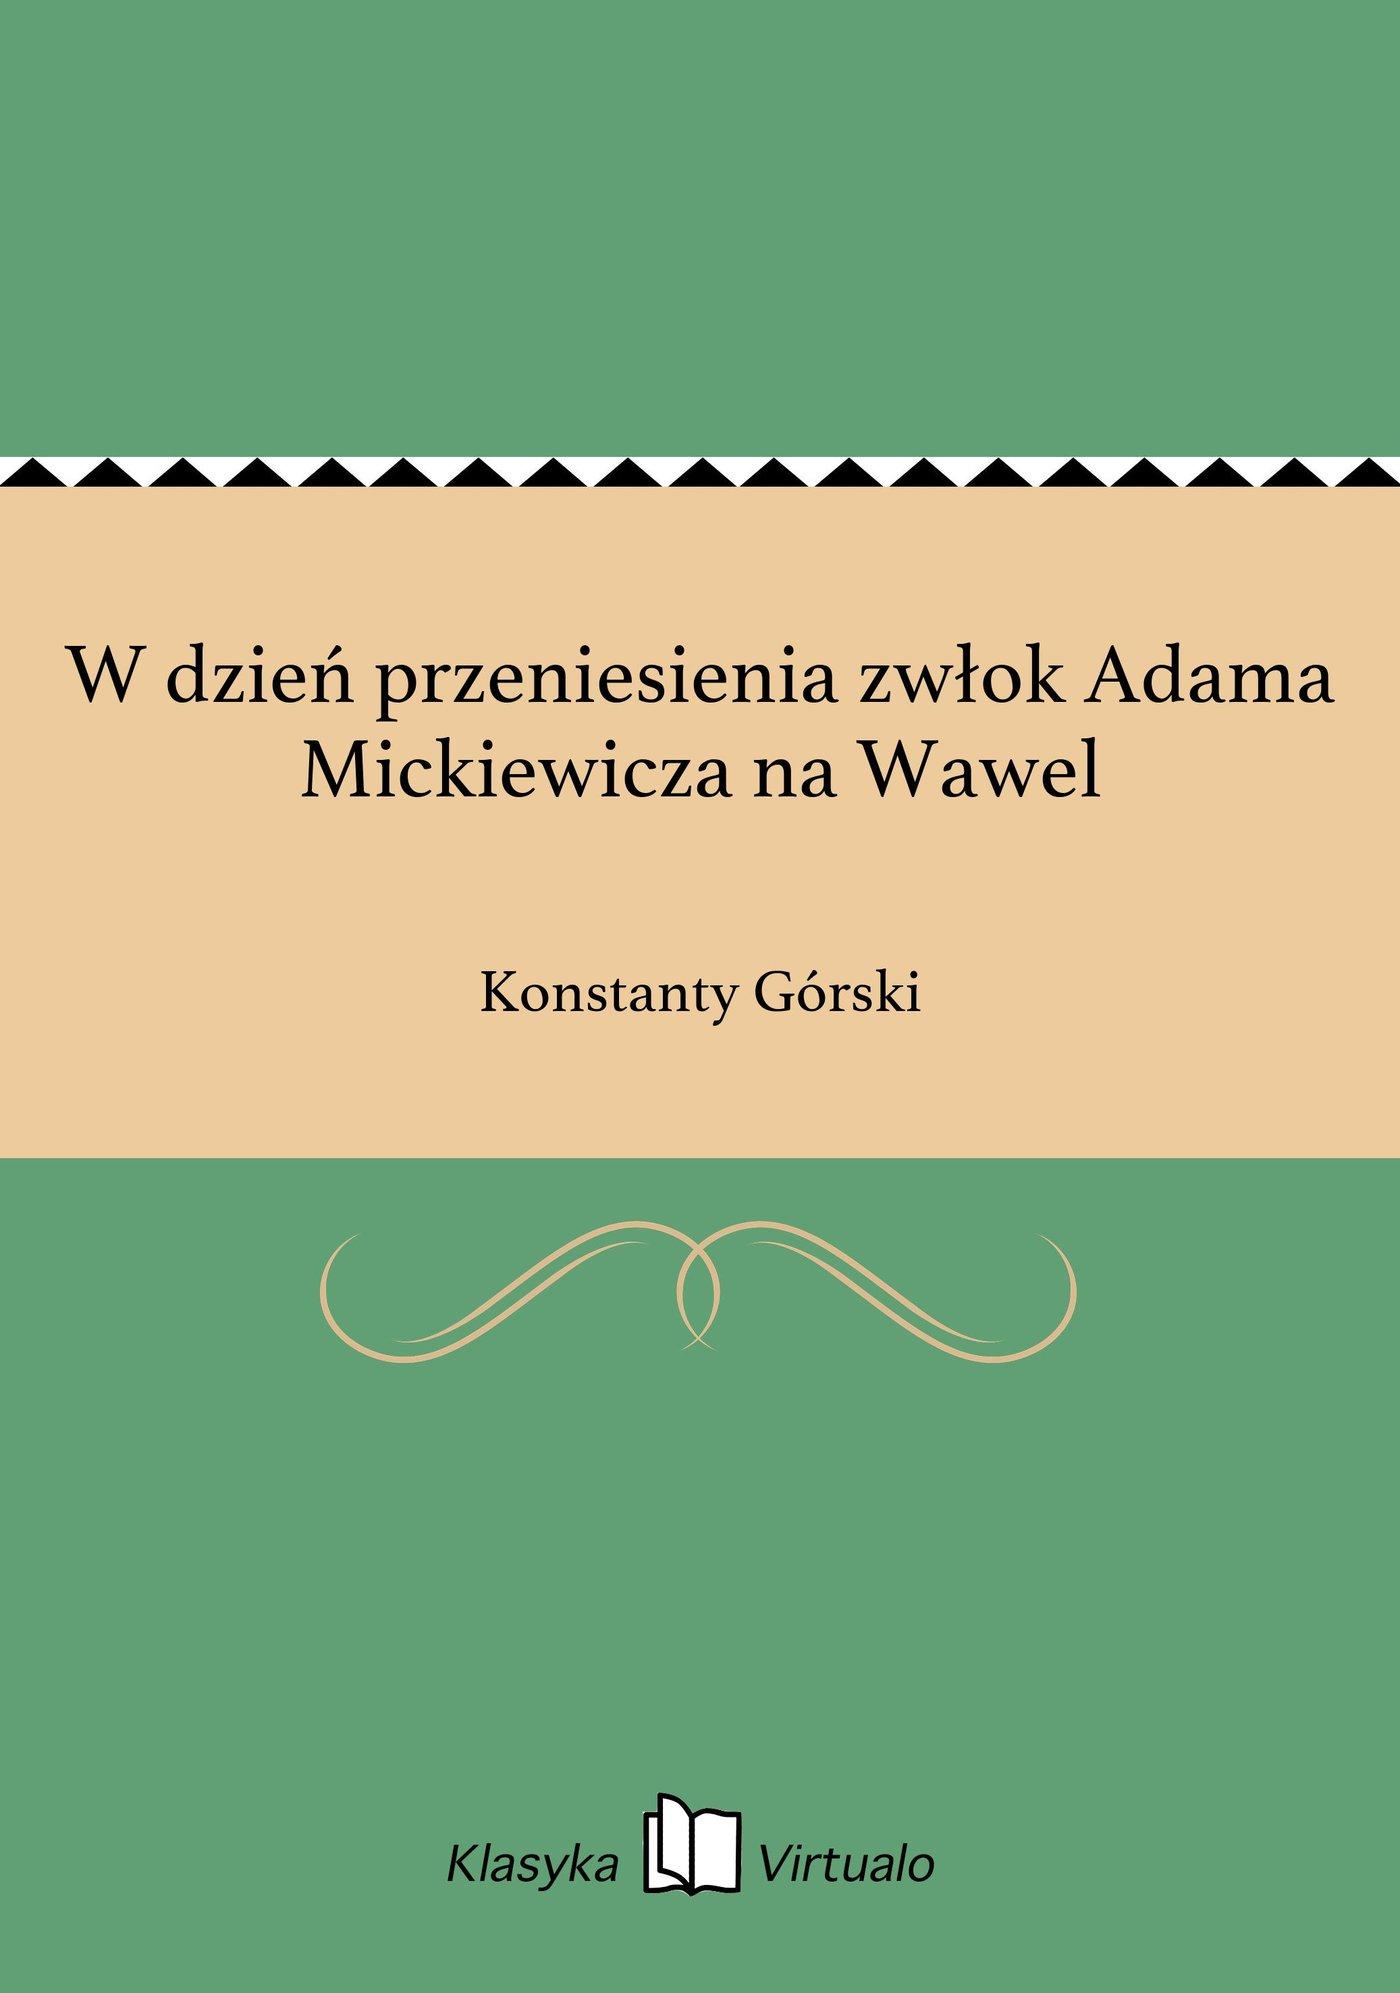 W dzień przeniesienia zwłok Adama Mickiewicza na Wawel - Ebook (Książka EPUB) do pobrania w formacie EPUB